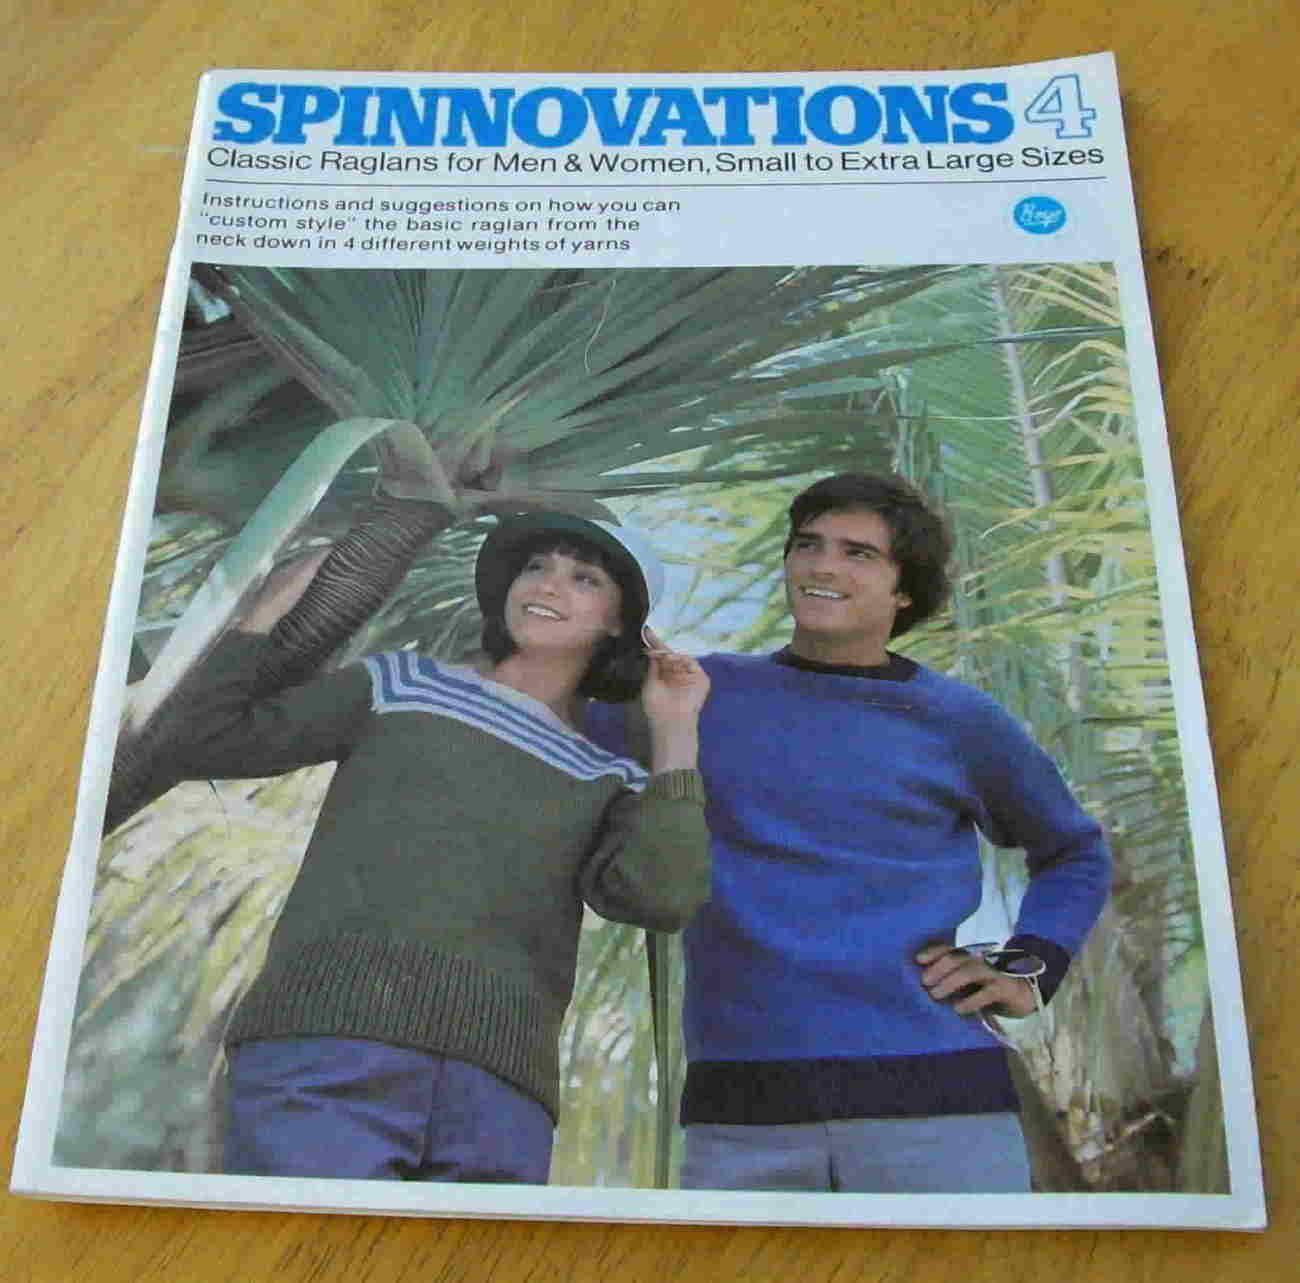 Spinnovations4